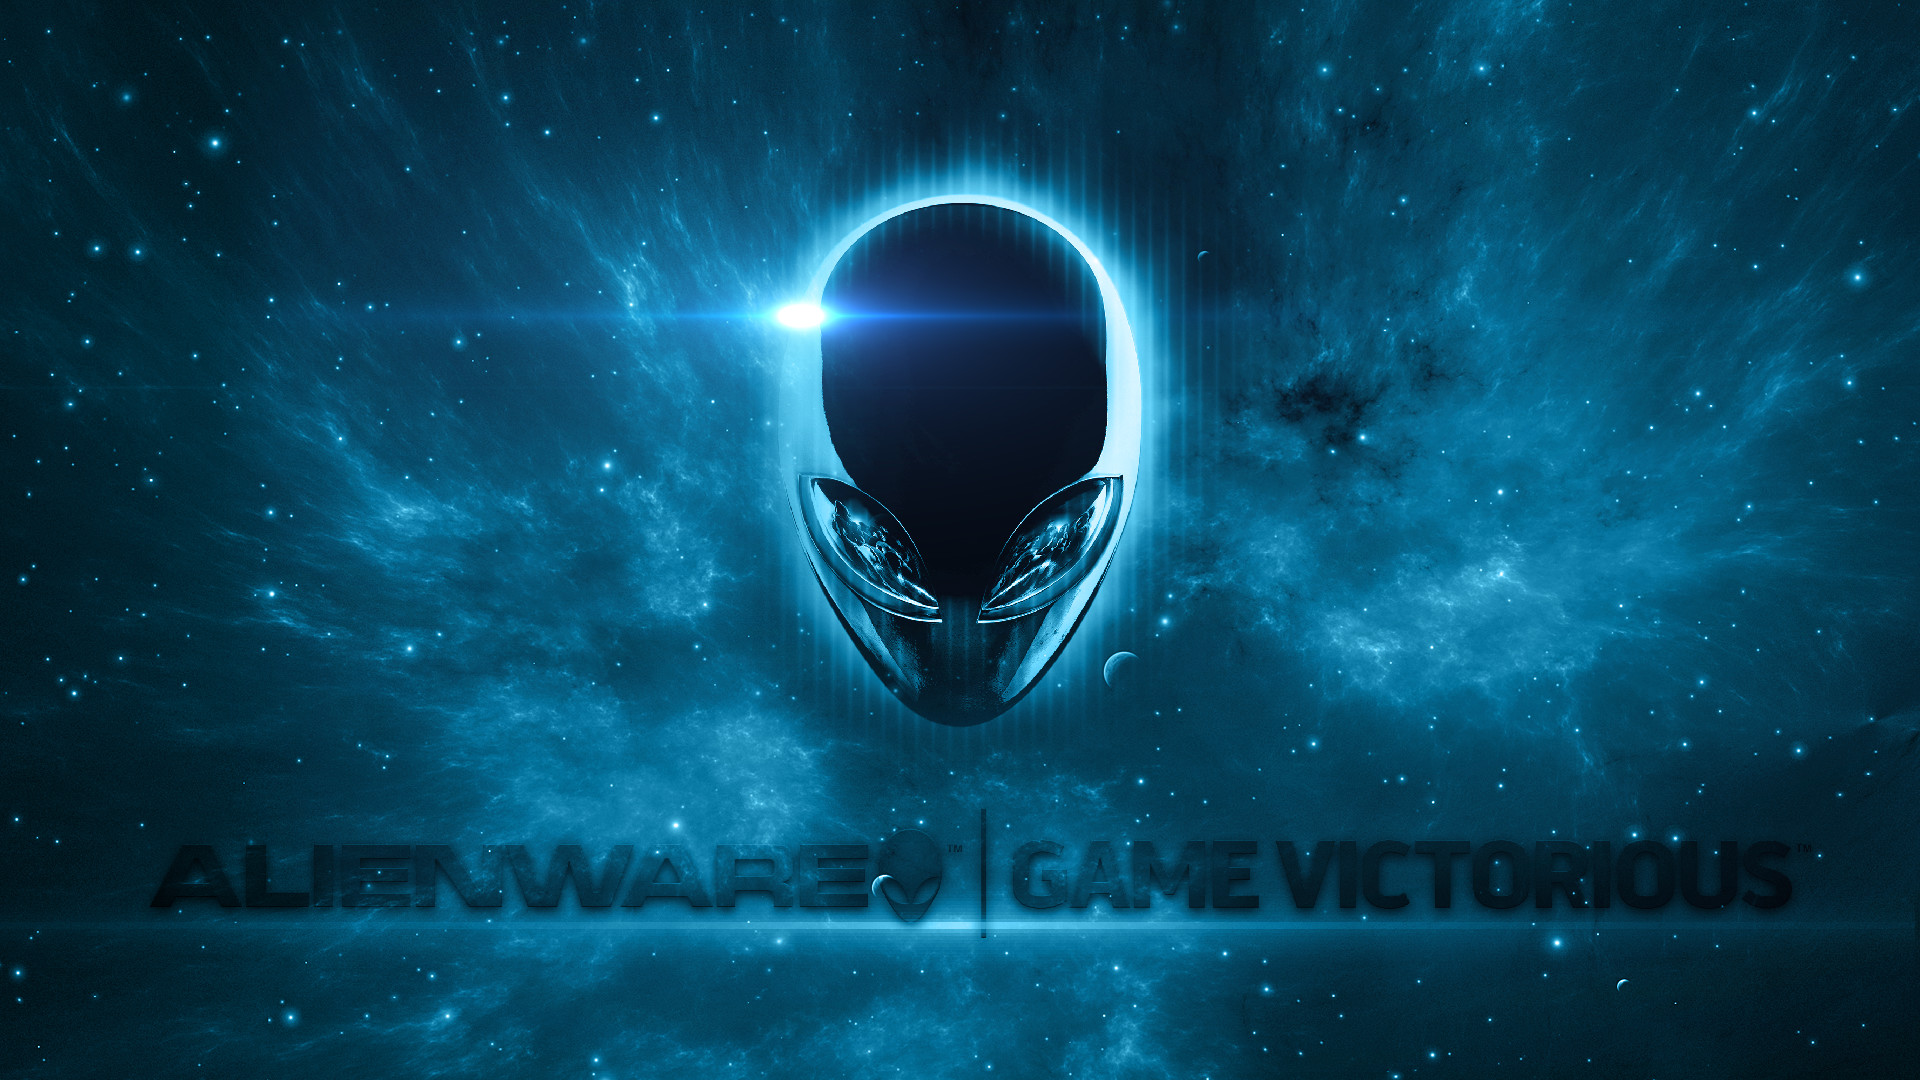 Space Alienware Wallpaper